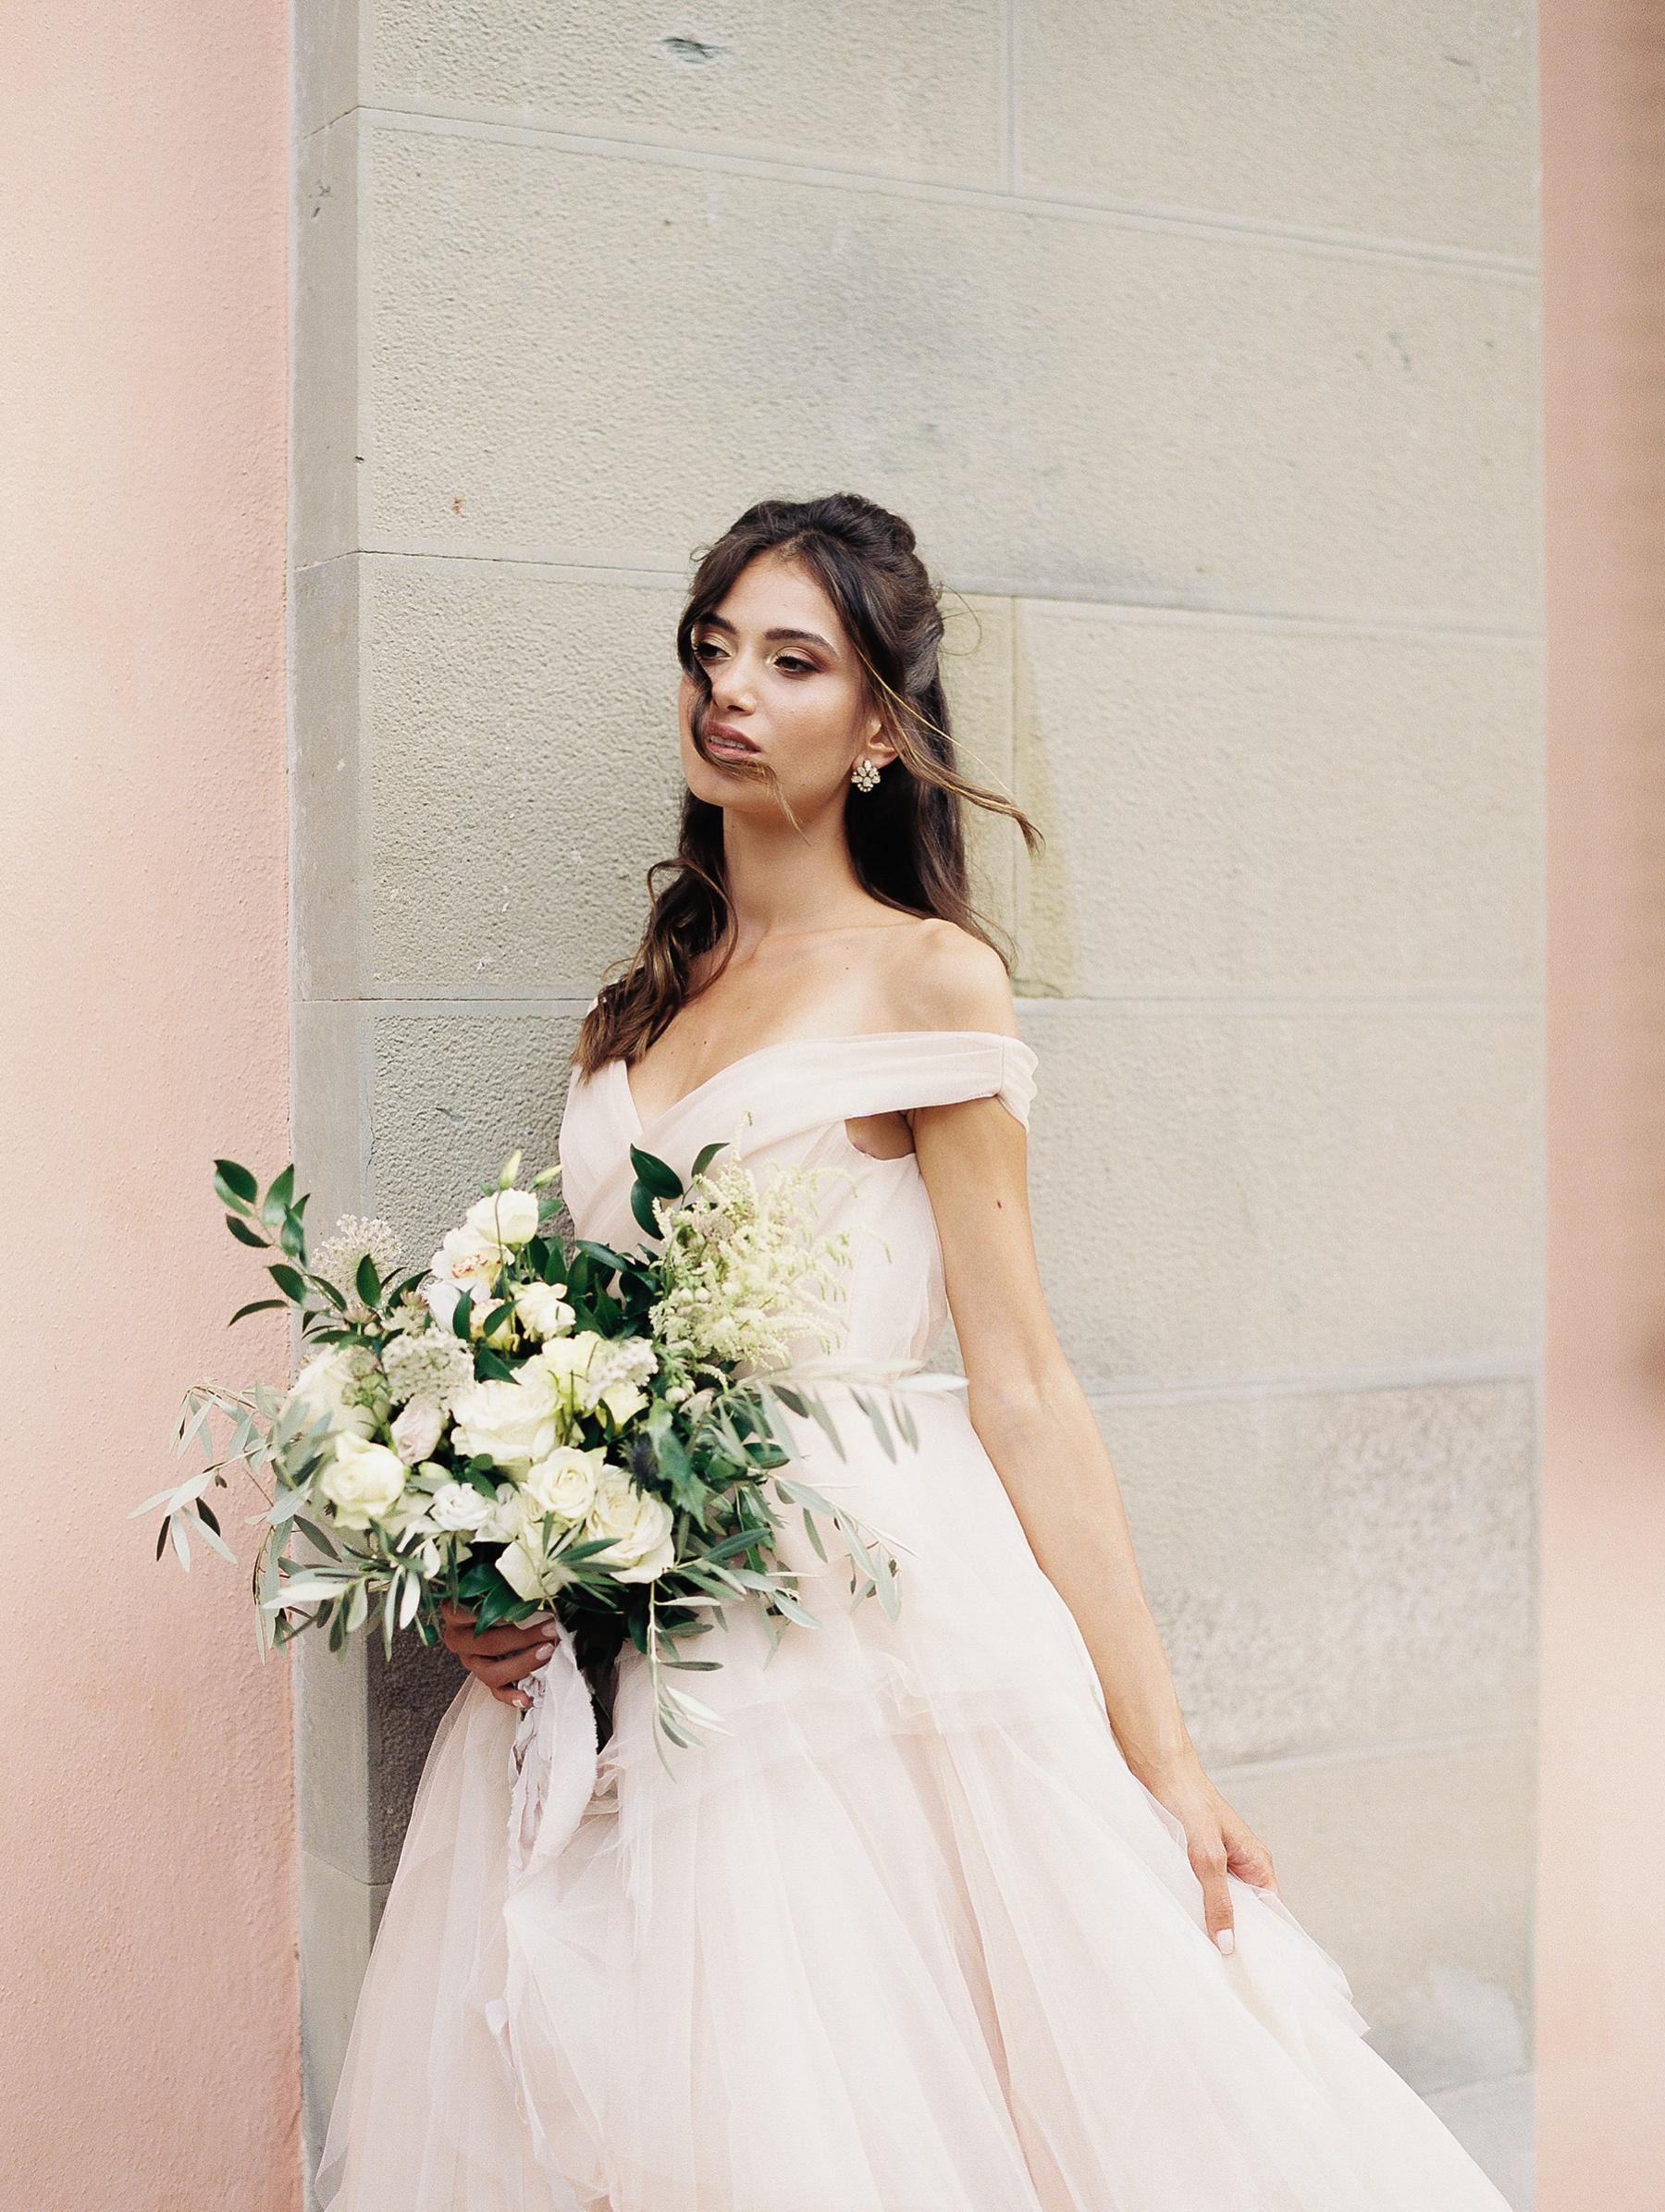 Il Borro Tuscany Italy Wedding Photographer_0784.jpg